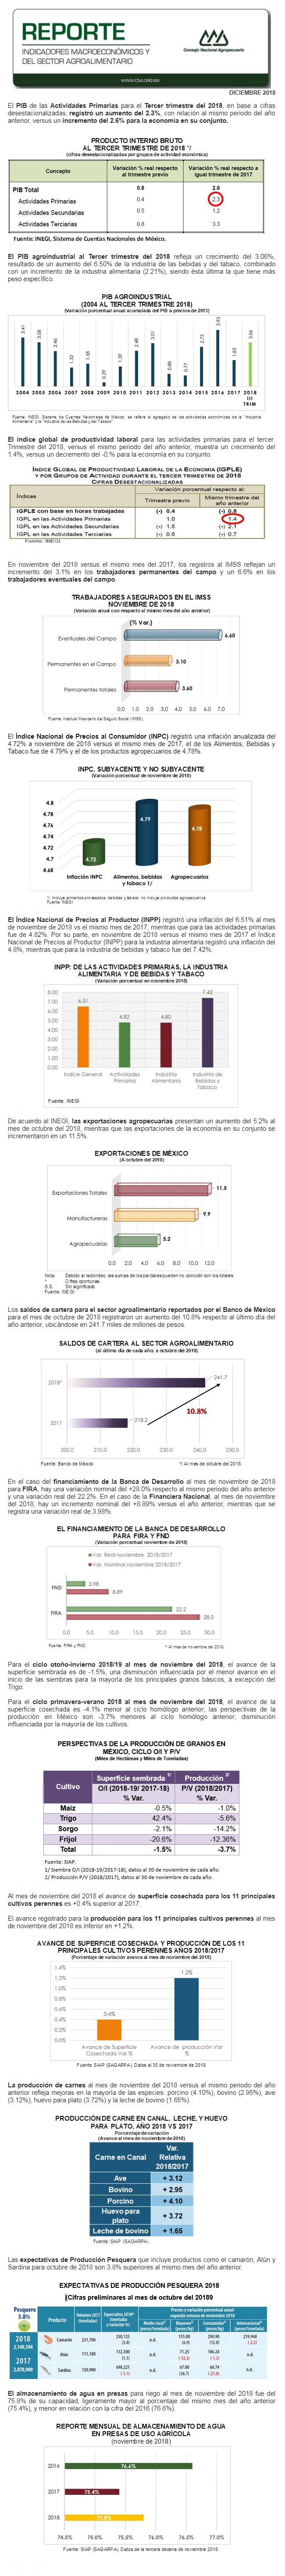 REPORTE DE INDICADORES MACROECONÓMICOS Y SECTORIALES DICIEMBRE 2018